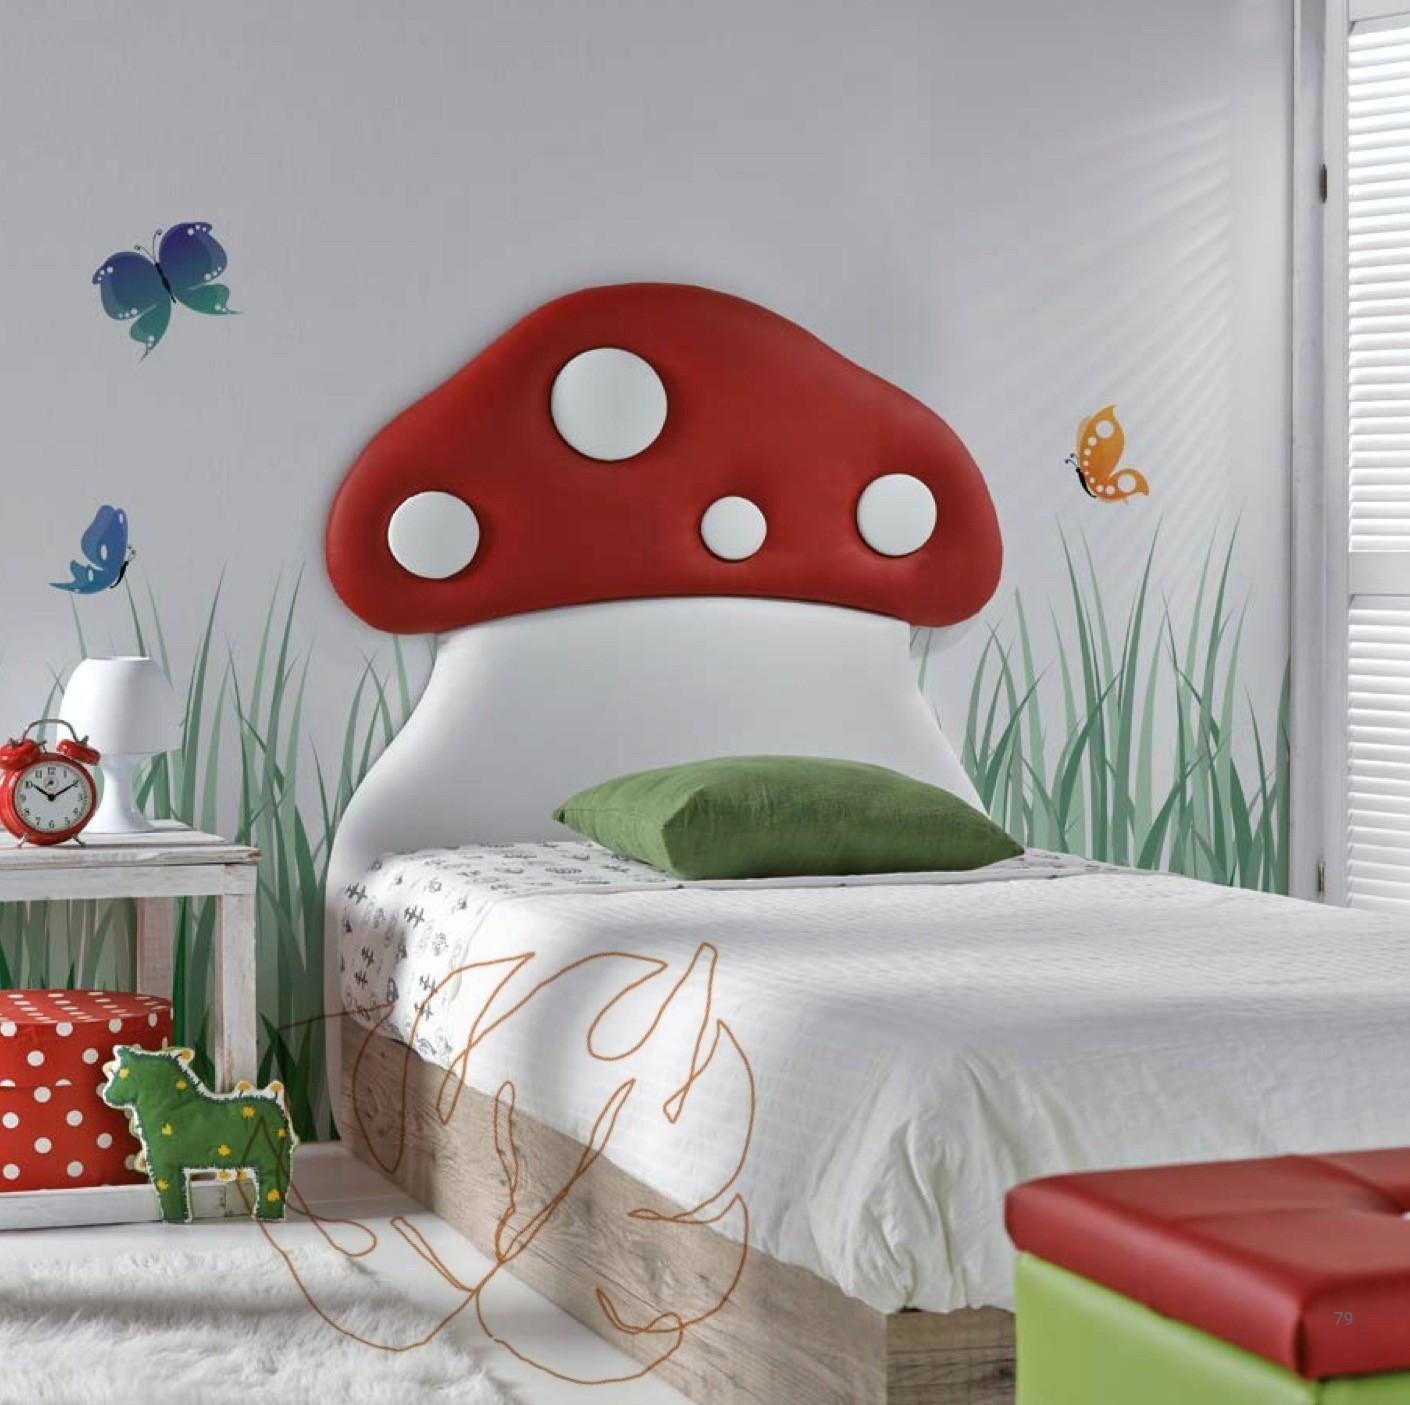 Cabecero Seta Mueble de dormitorio juvenil con diseño de seta.  Muebles Díaz